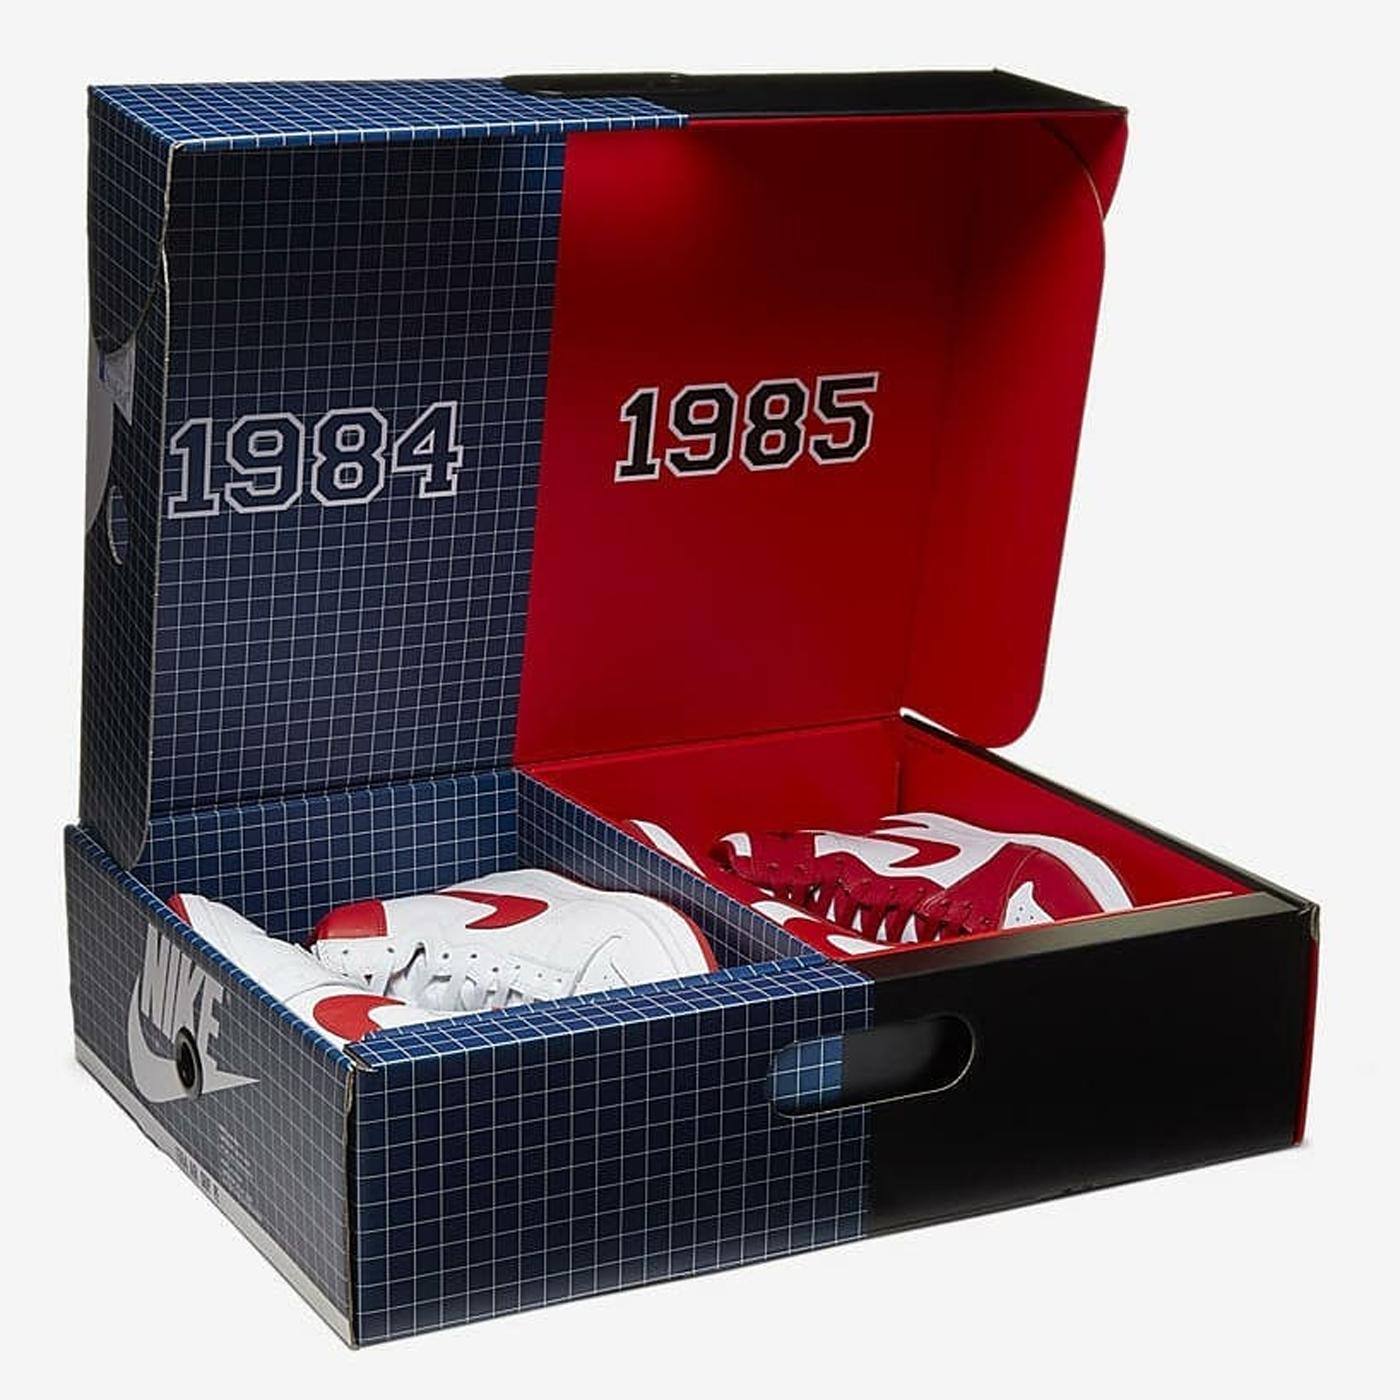 籃球鞋,球鞋趨勢,2020球鞋,2020鞋款,鞋款,球鞋,Adidas Ultra 4D,Travis Scott x Nike Air Max 270 React,AURALEE New Balance COMP 100,New Balance M992,Reebok Club C,Nike W Daybreak,Air Jordan New Beginnings